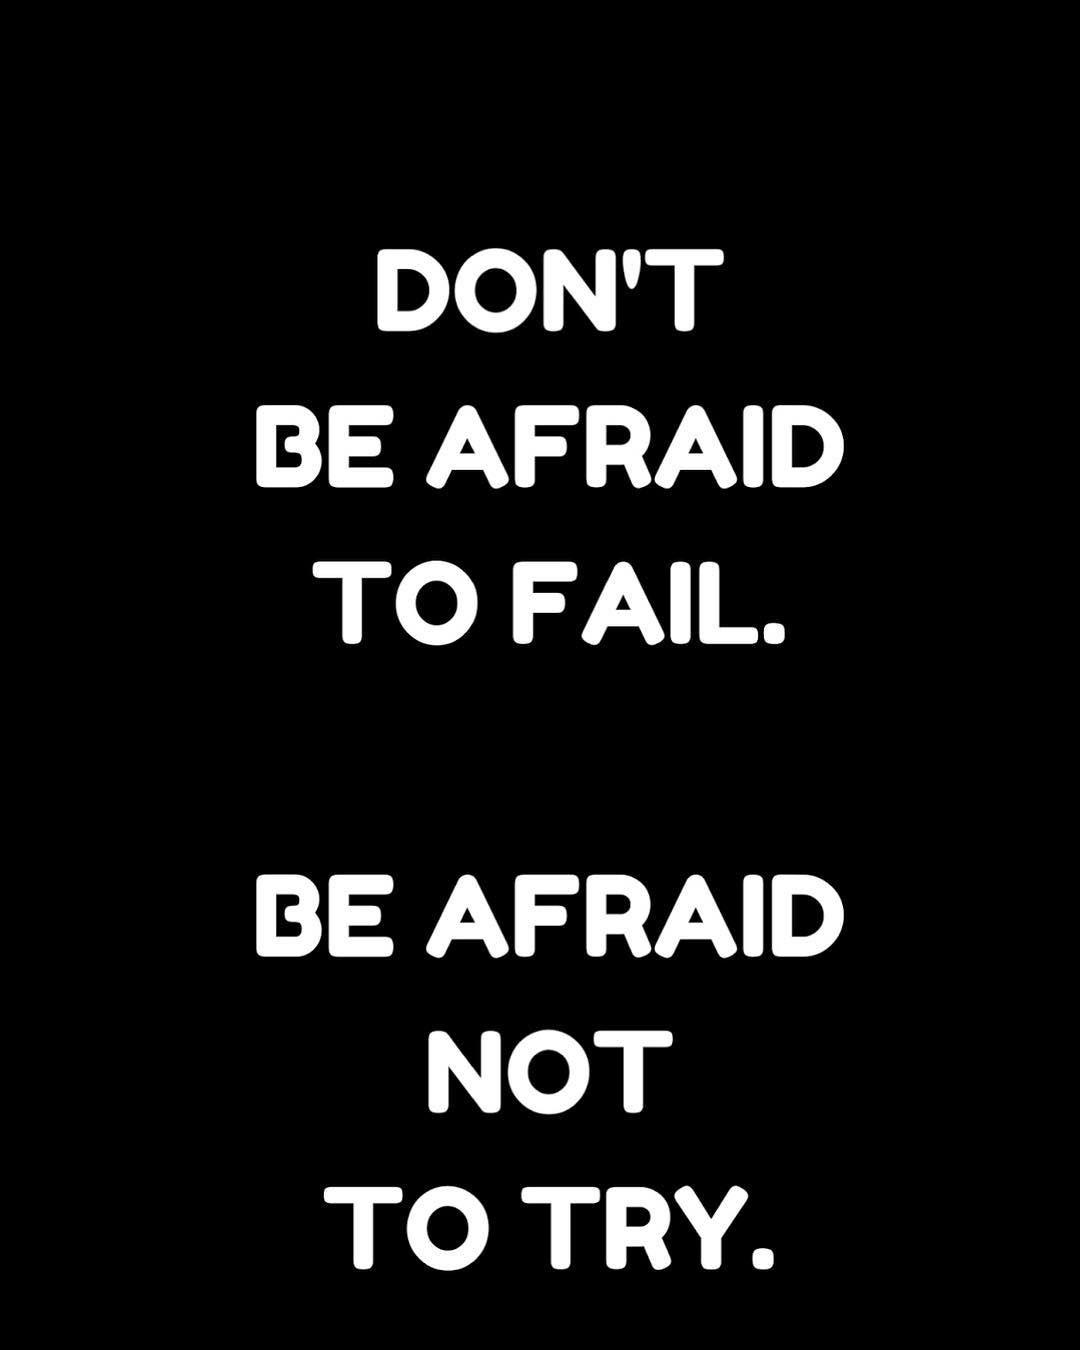 Quotes Quotesoftheday Qoutesoflife Motivationalquotes Motivation Gym Quotesaboutl Motivational Quotes For Students Motivational Quotes Funny Faith Quote